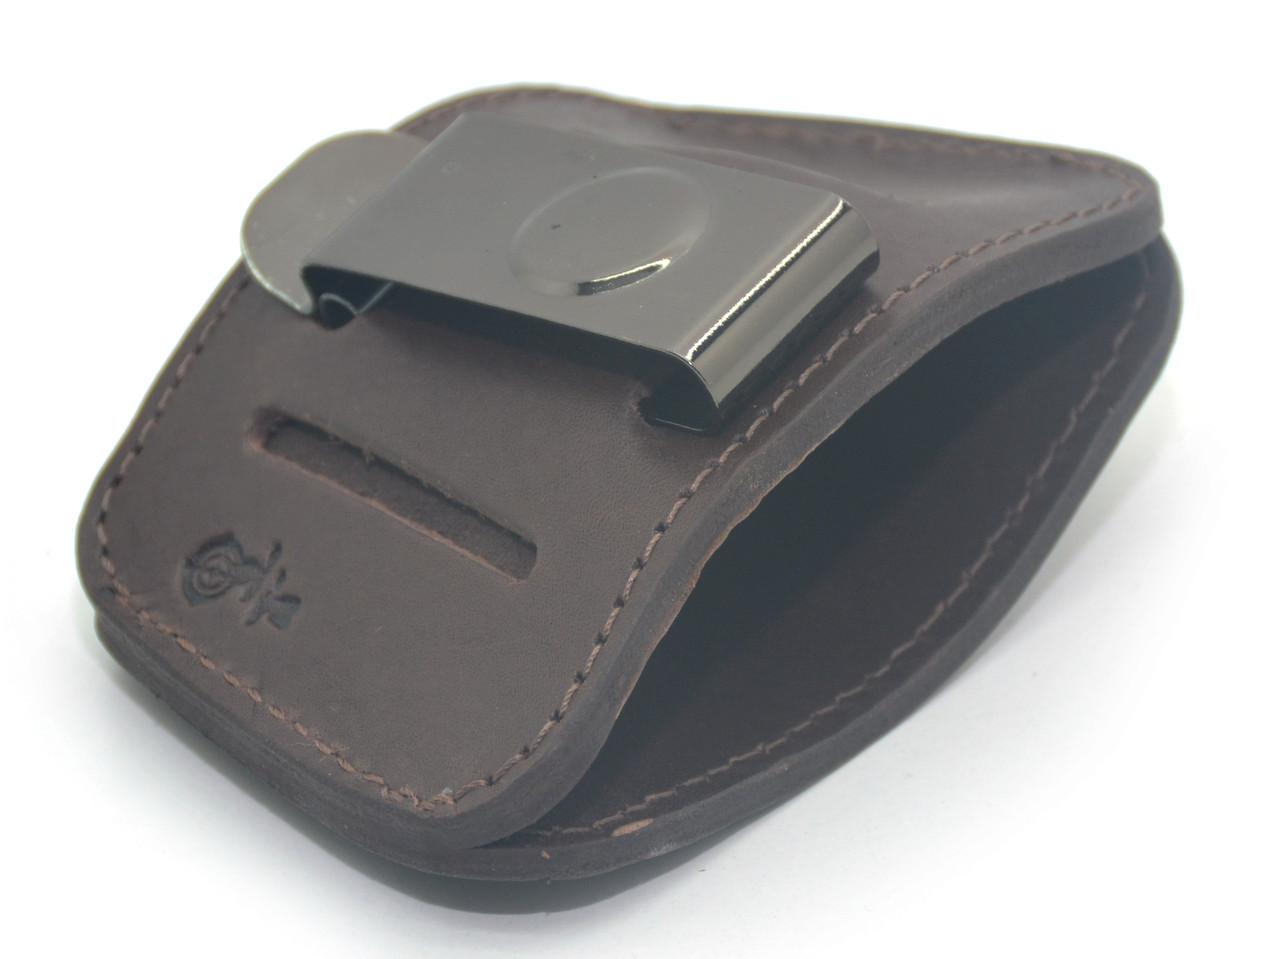 Кобура поясная скрытого ношения Glock 17, Glock 19 кожа коричневая 5514